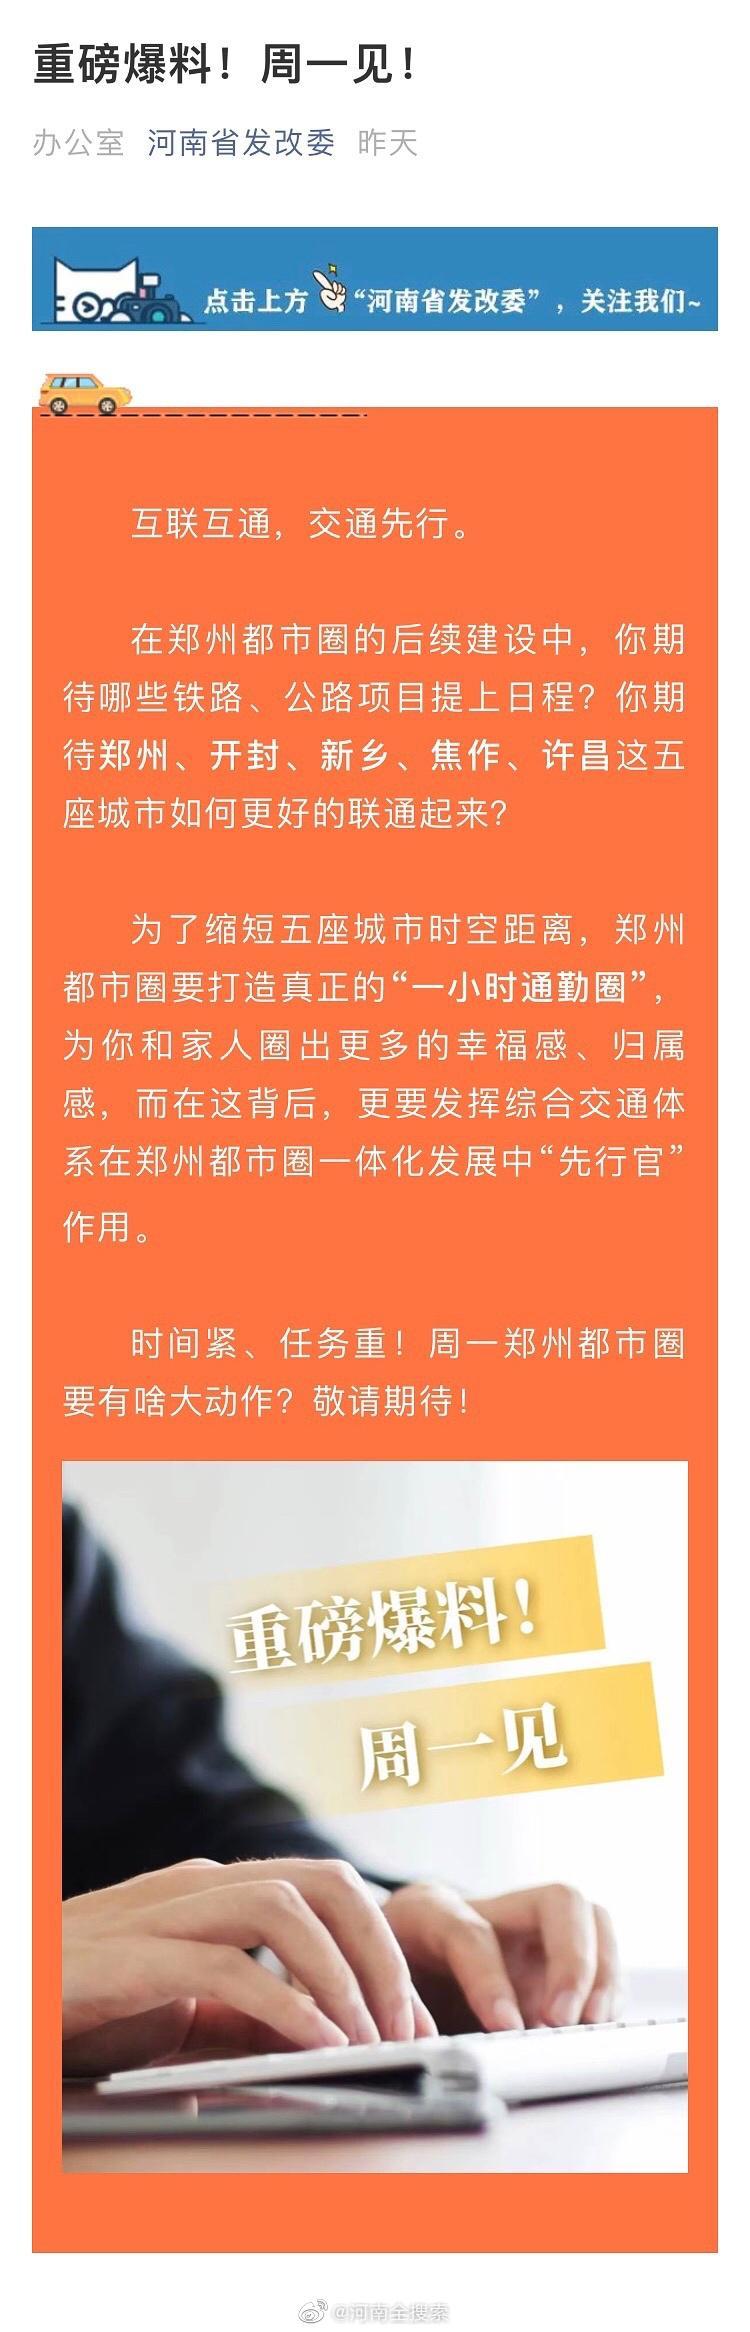 河南省发改委:周一发布郑州都市圈重磅消息